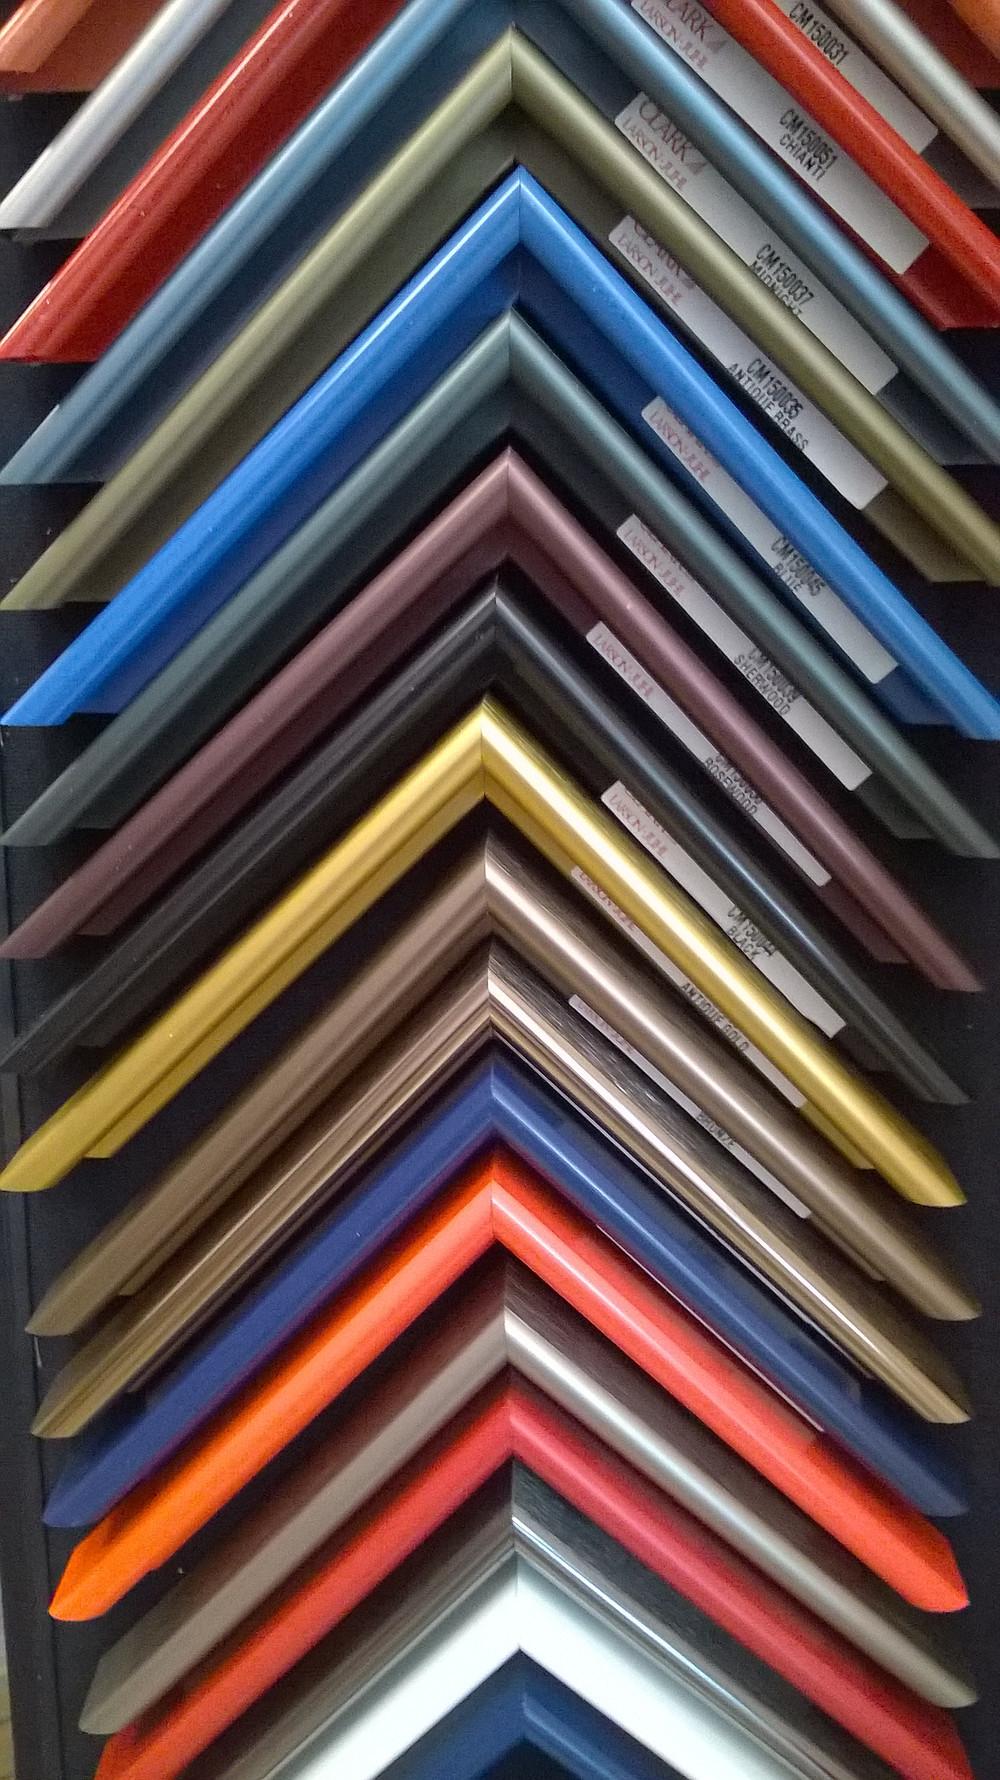 colorful, metal frames at the Village Frame Shop